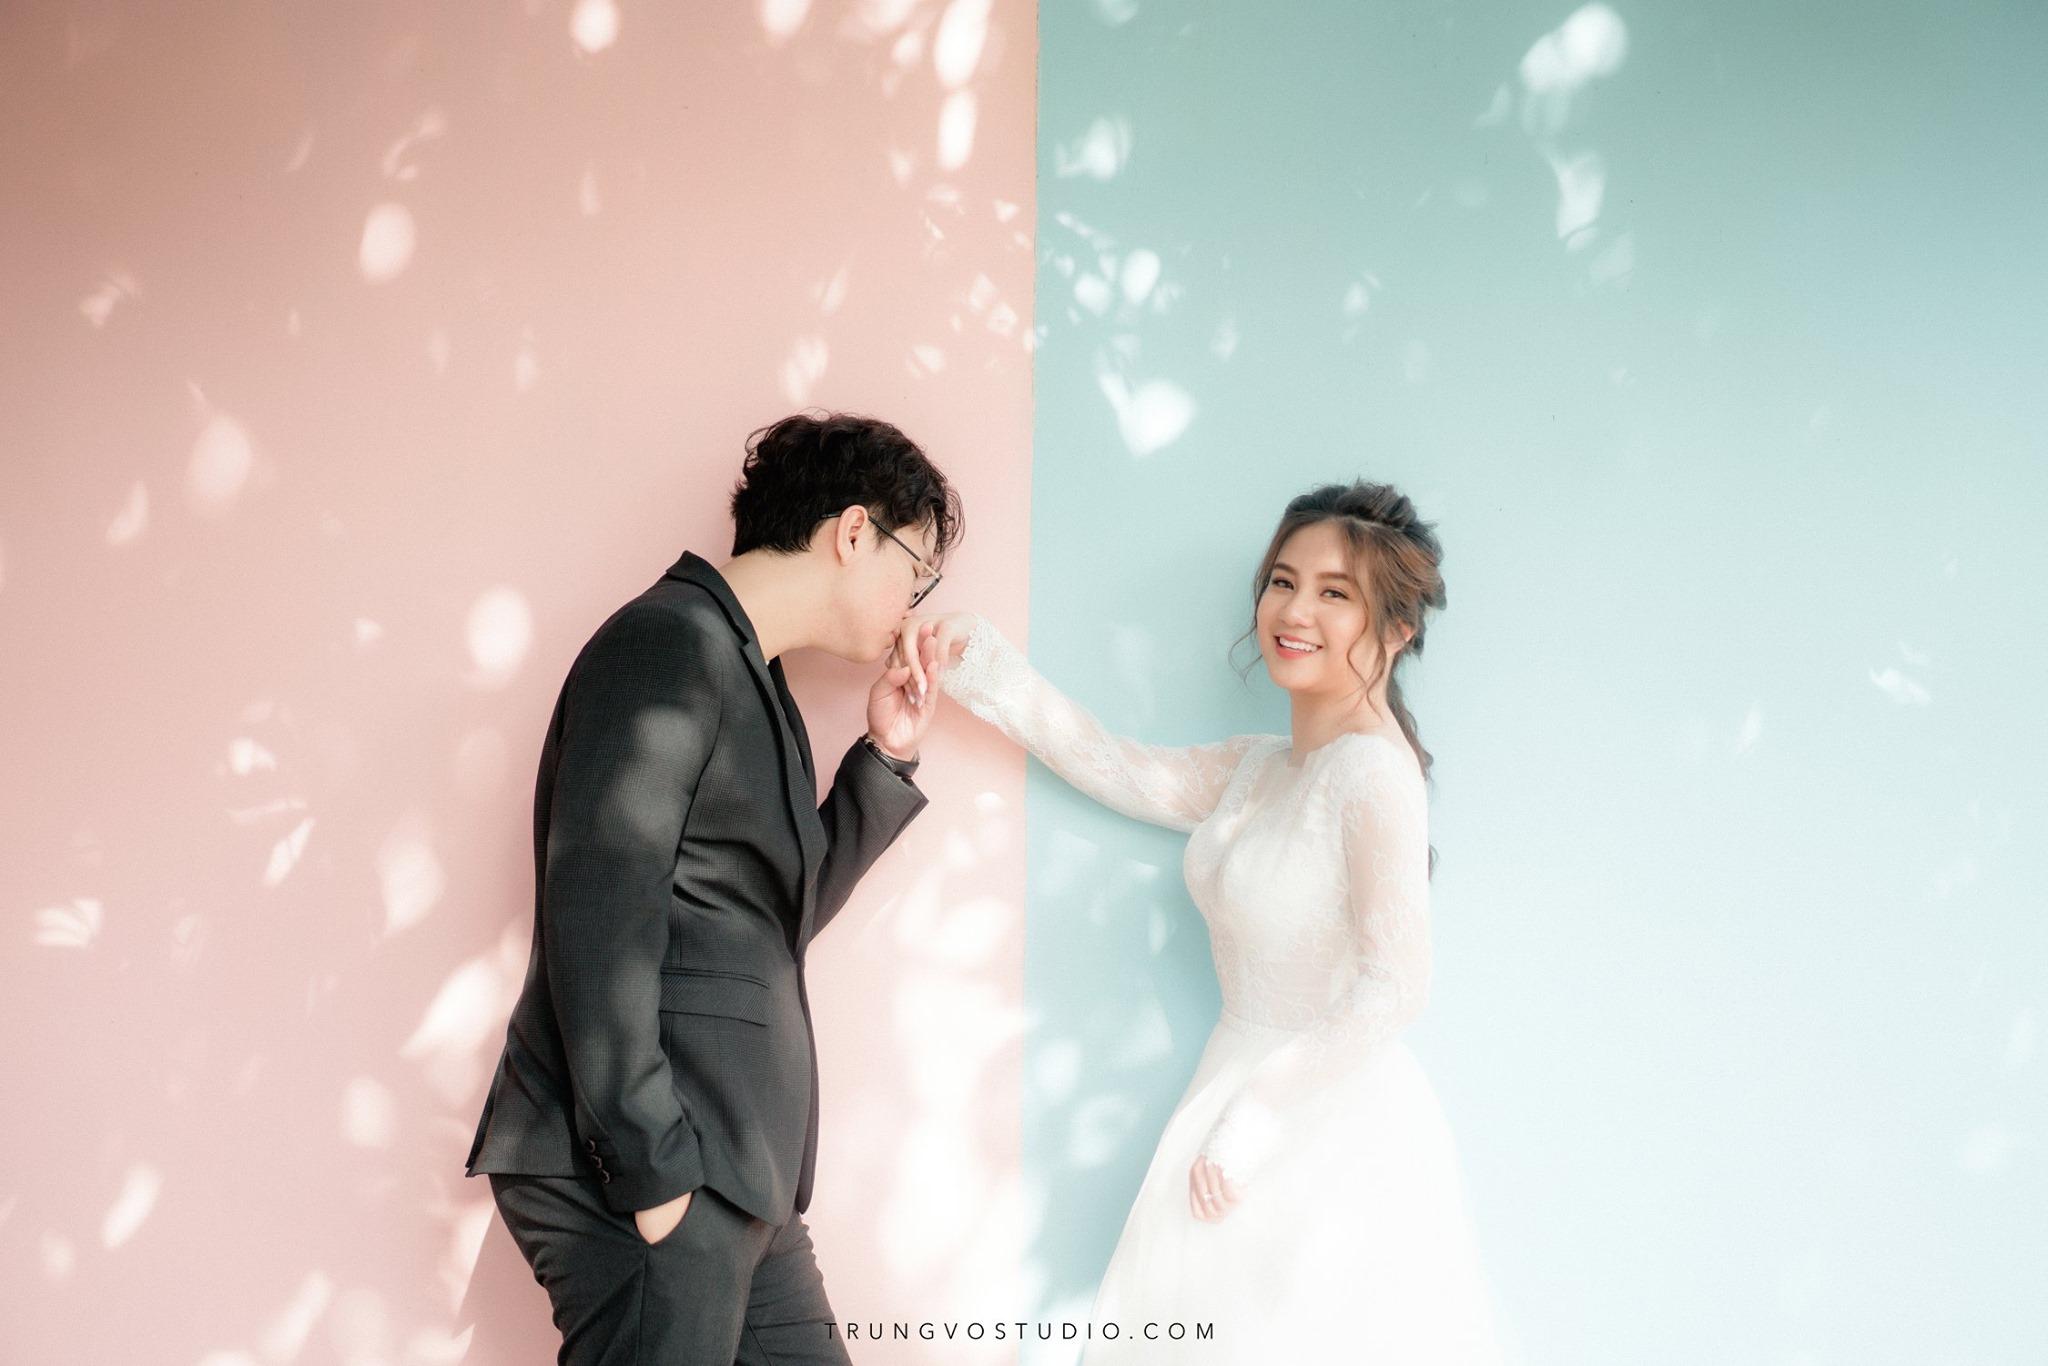 Xếp hạng 10 studio chụp ảnh cưới đẹp nhất Thành phố Hồ Chí Minh - Trung Võ Studio